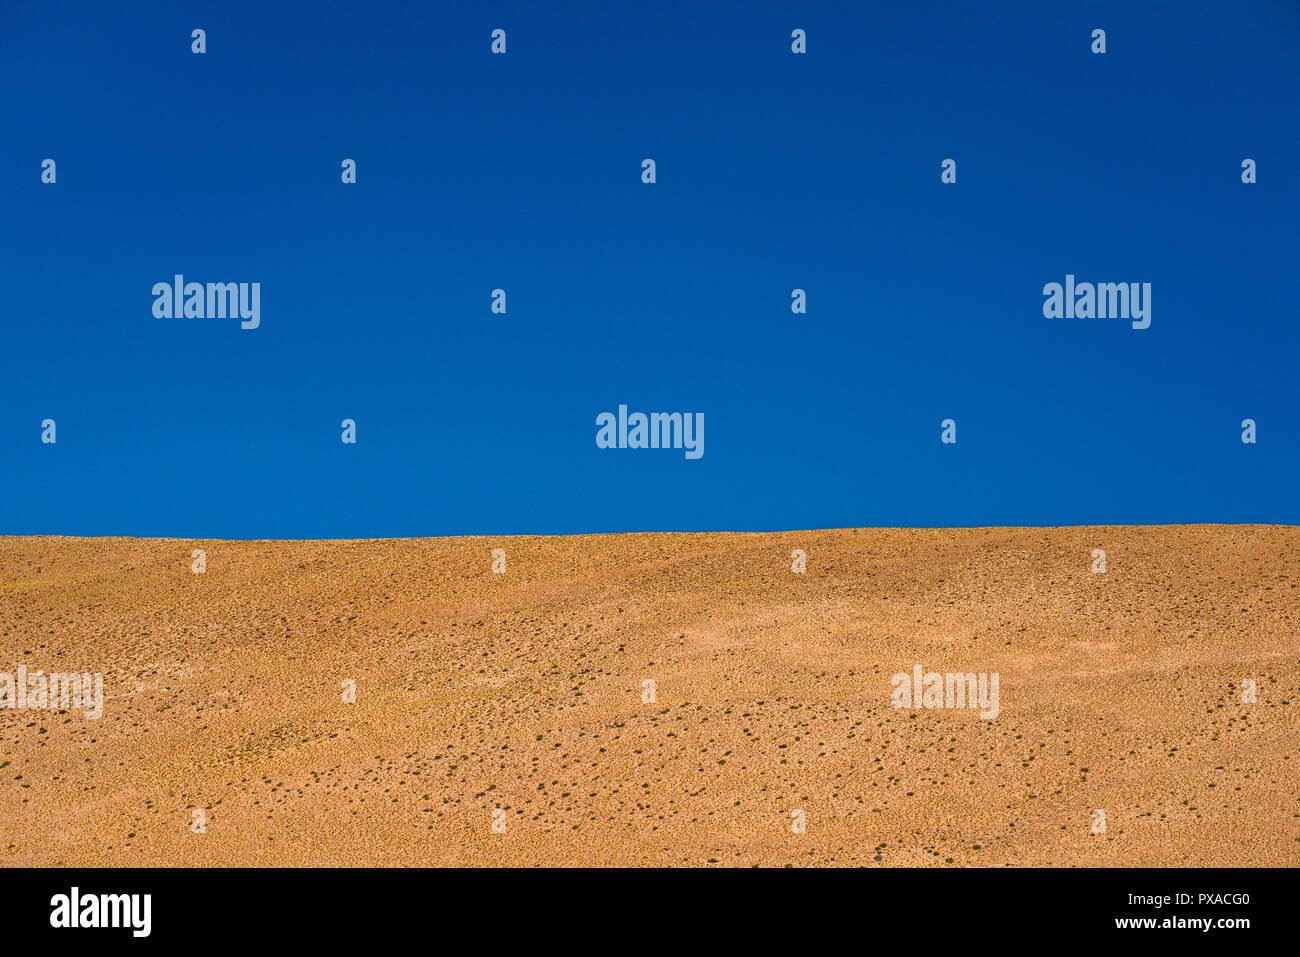 Línea de horizonte entre el desierto y el azul del cielo sin nubes Imagen De Stock